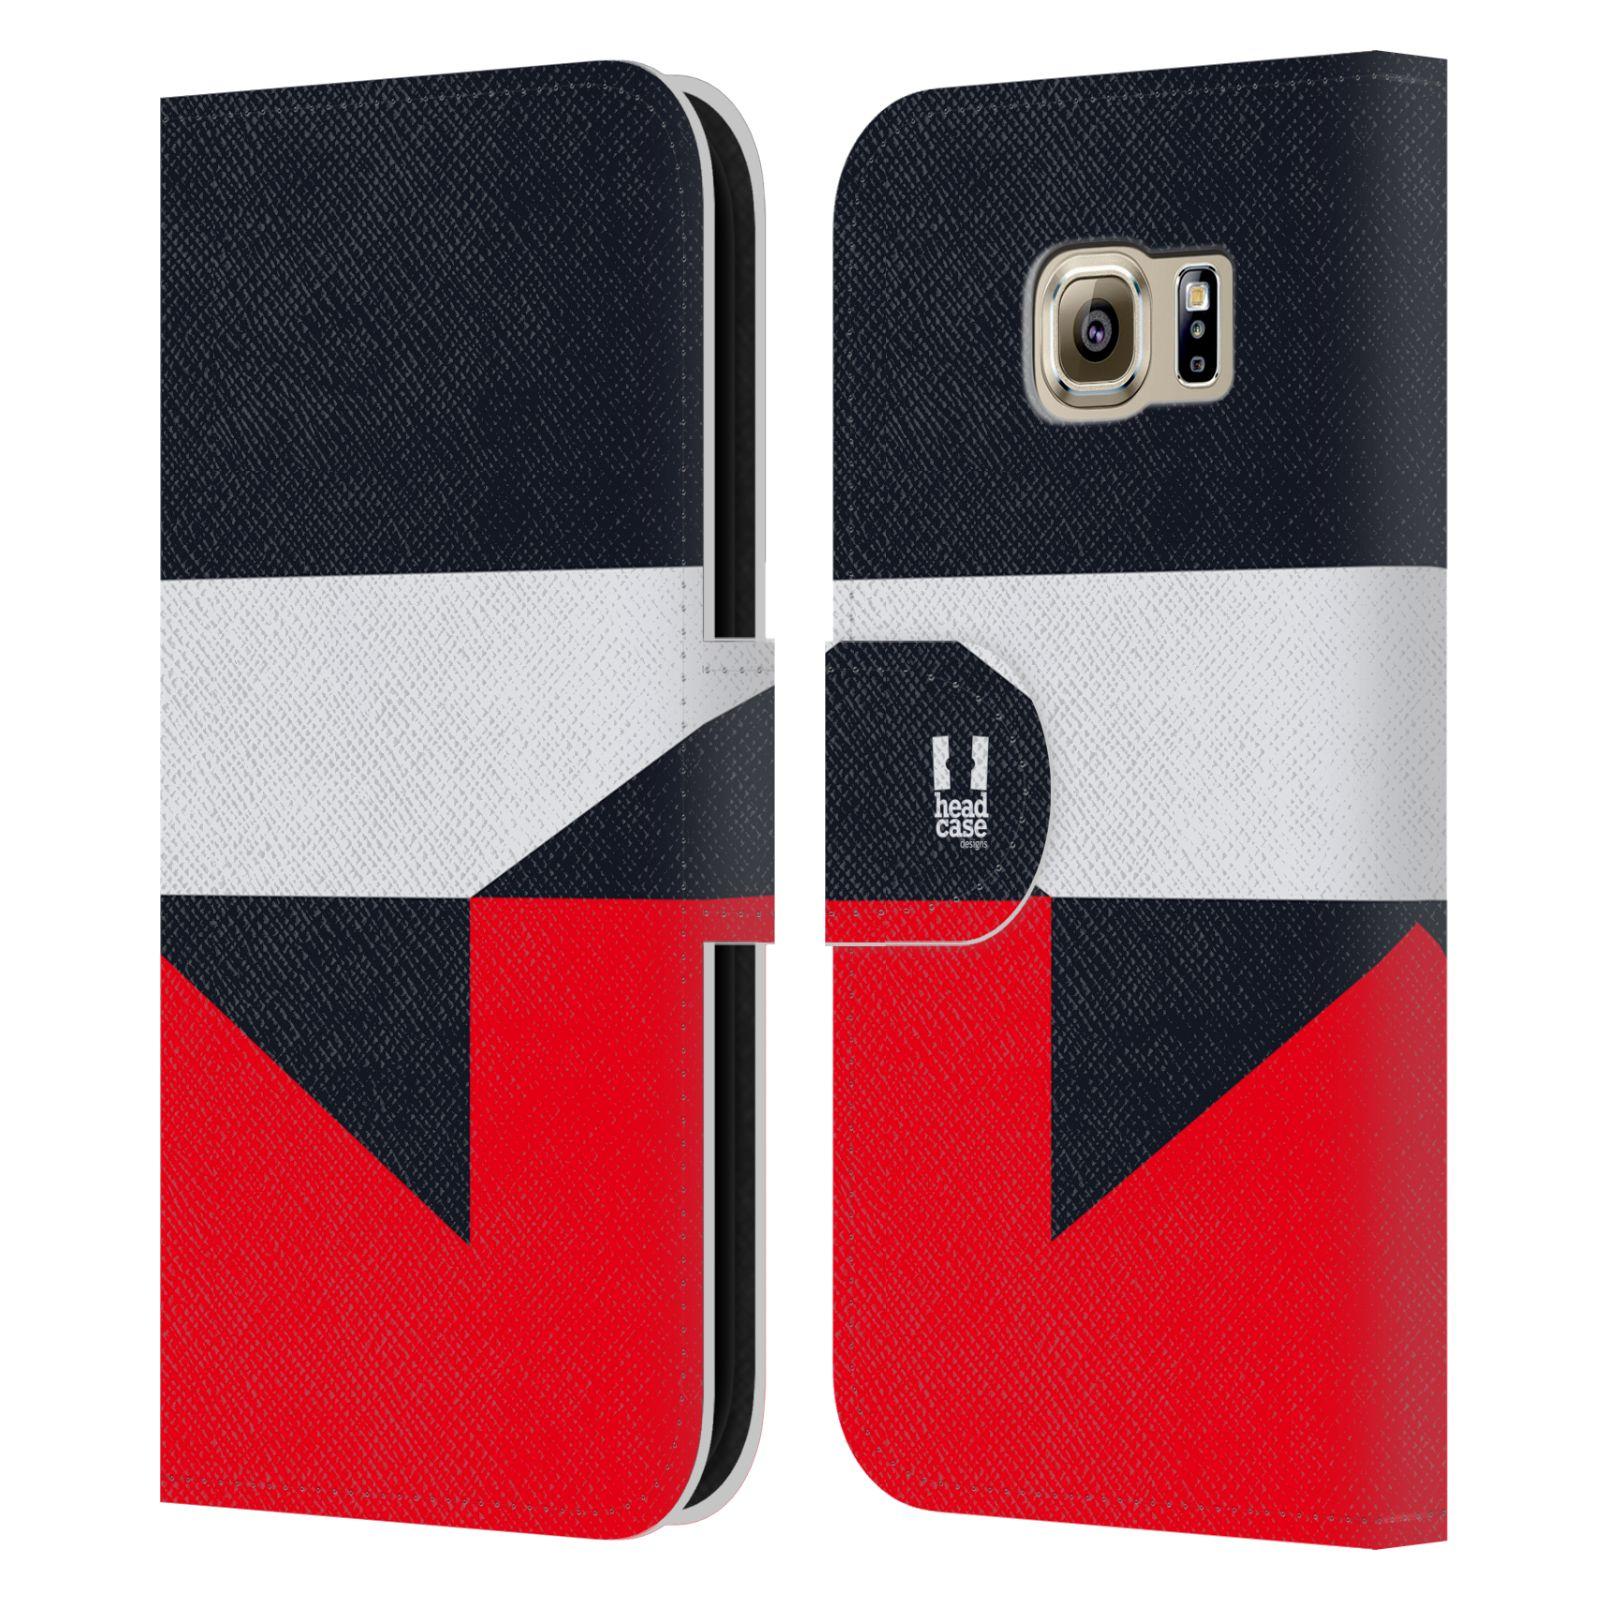 HEAD CASE Flipové pouzdro pro mobil Samsung Galaxy S6 barevné tvary černá a červená gejša